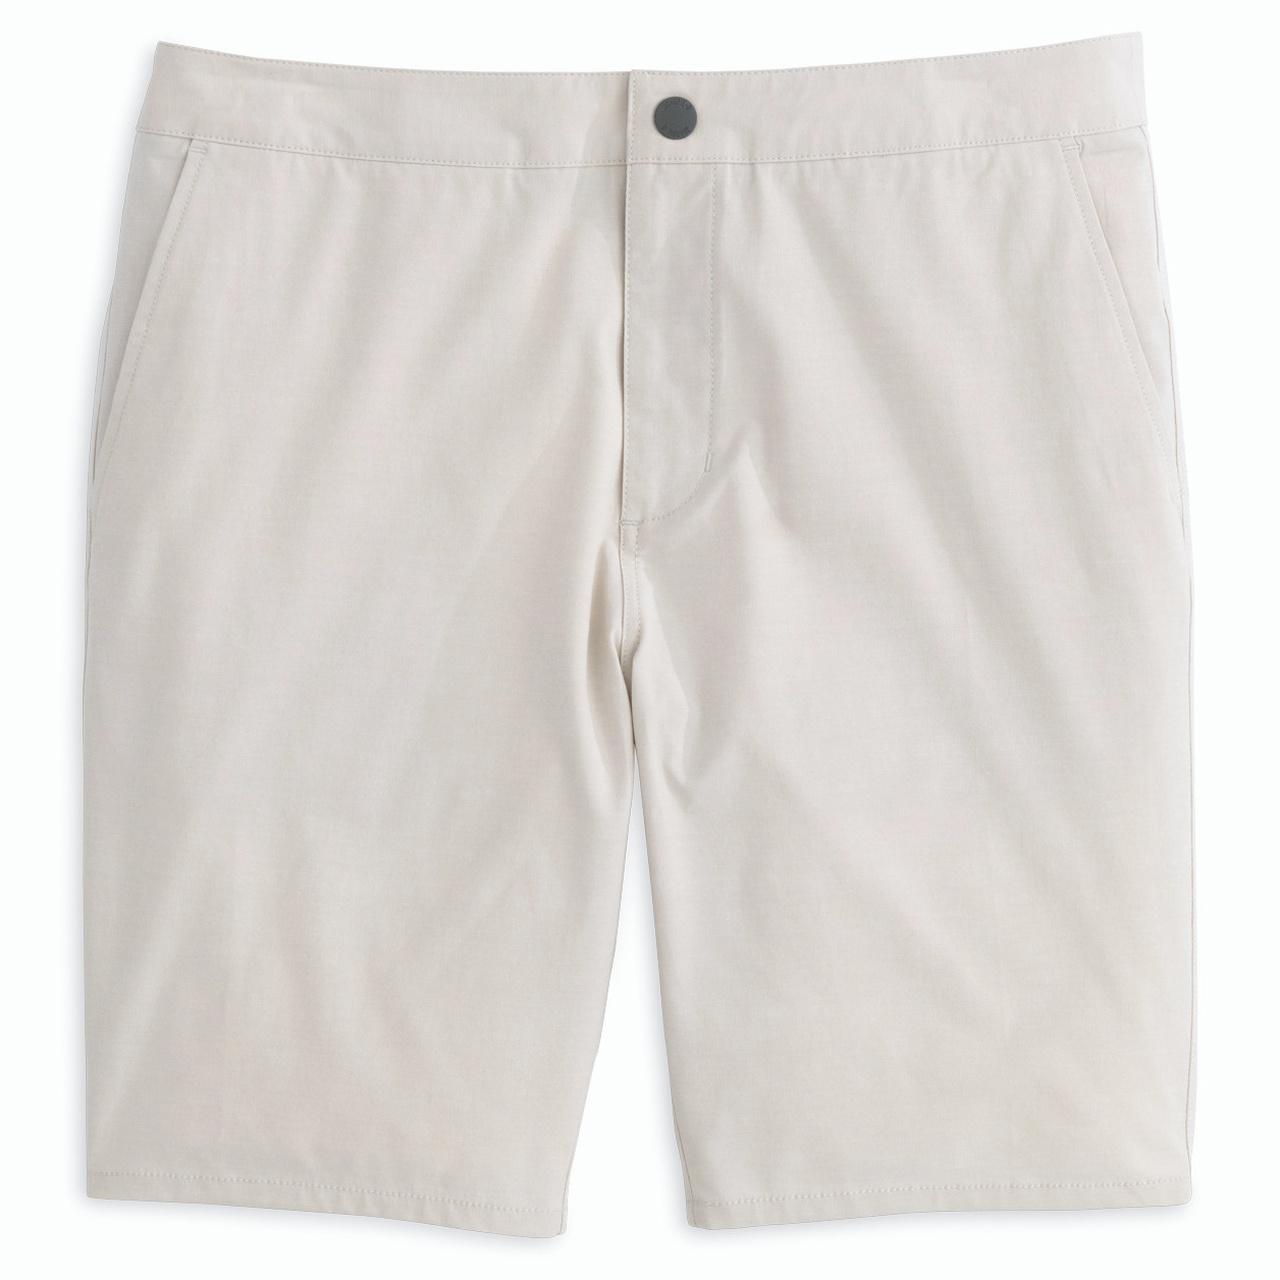 Johnnie-O Johnnie-O DAWN 2 DUSK Shorts